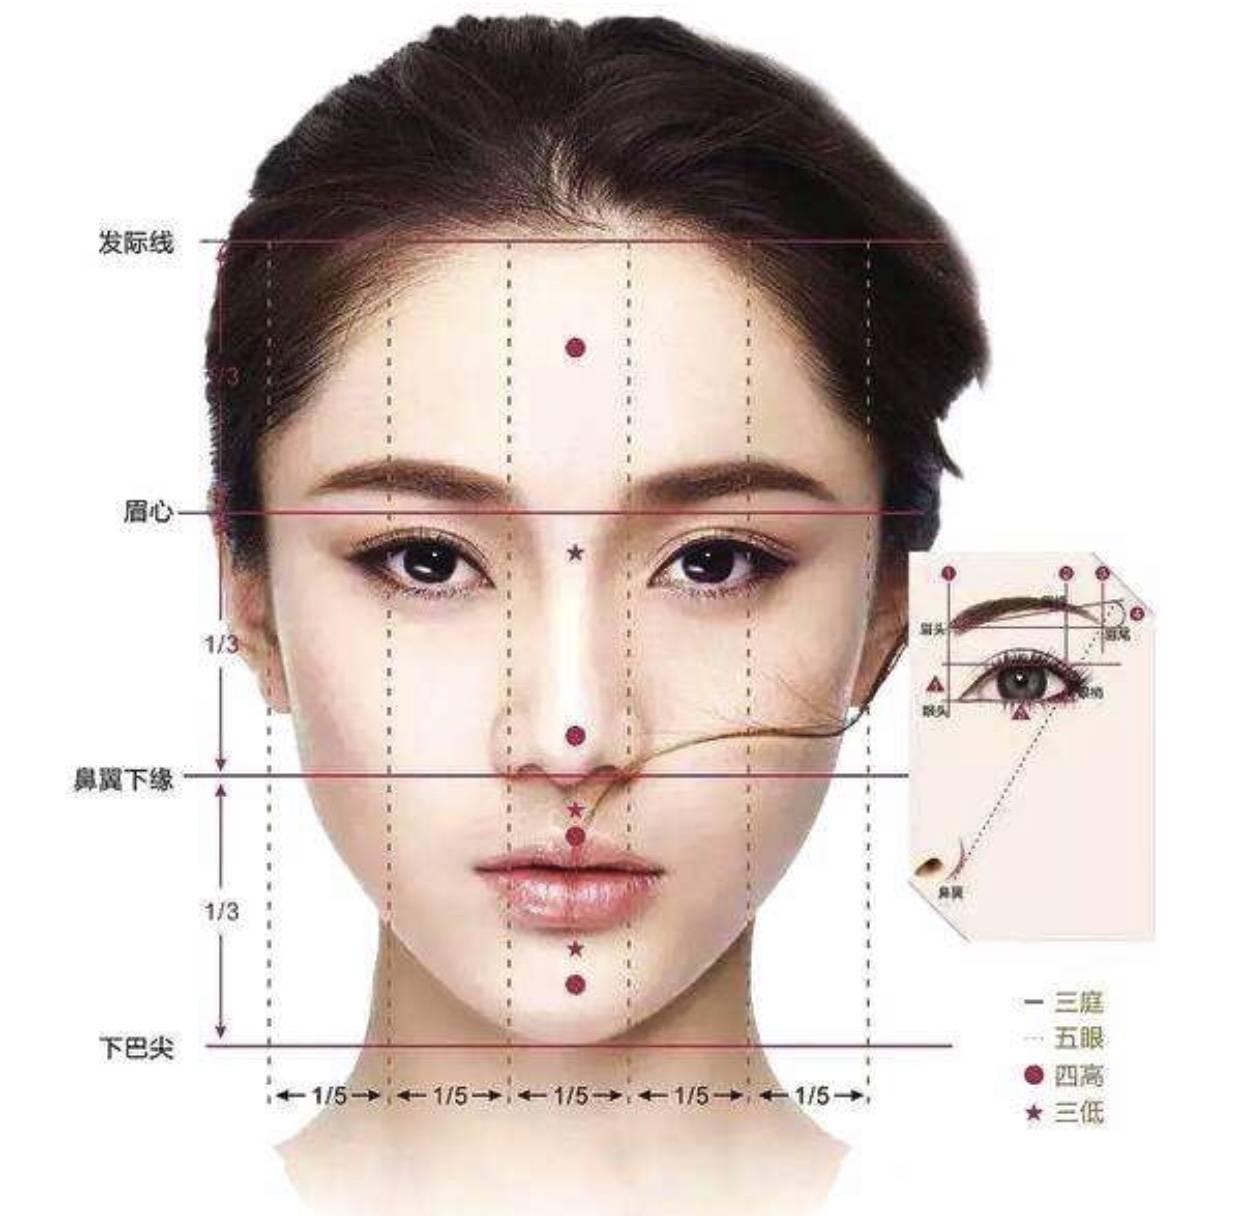 毛戈平化妆视频教程(毛戈平是谁)插图(7)